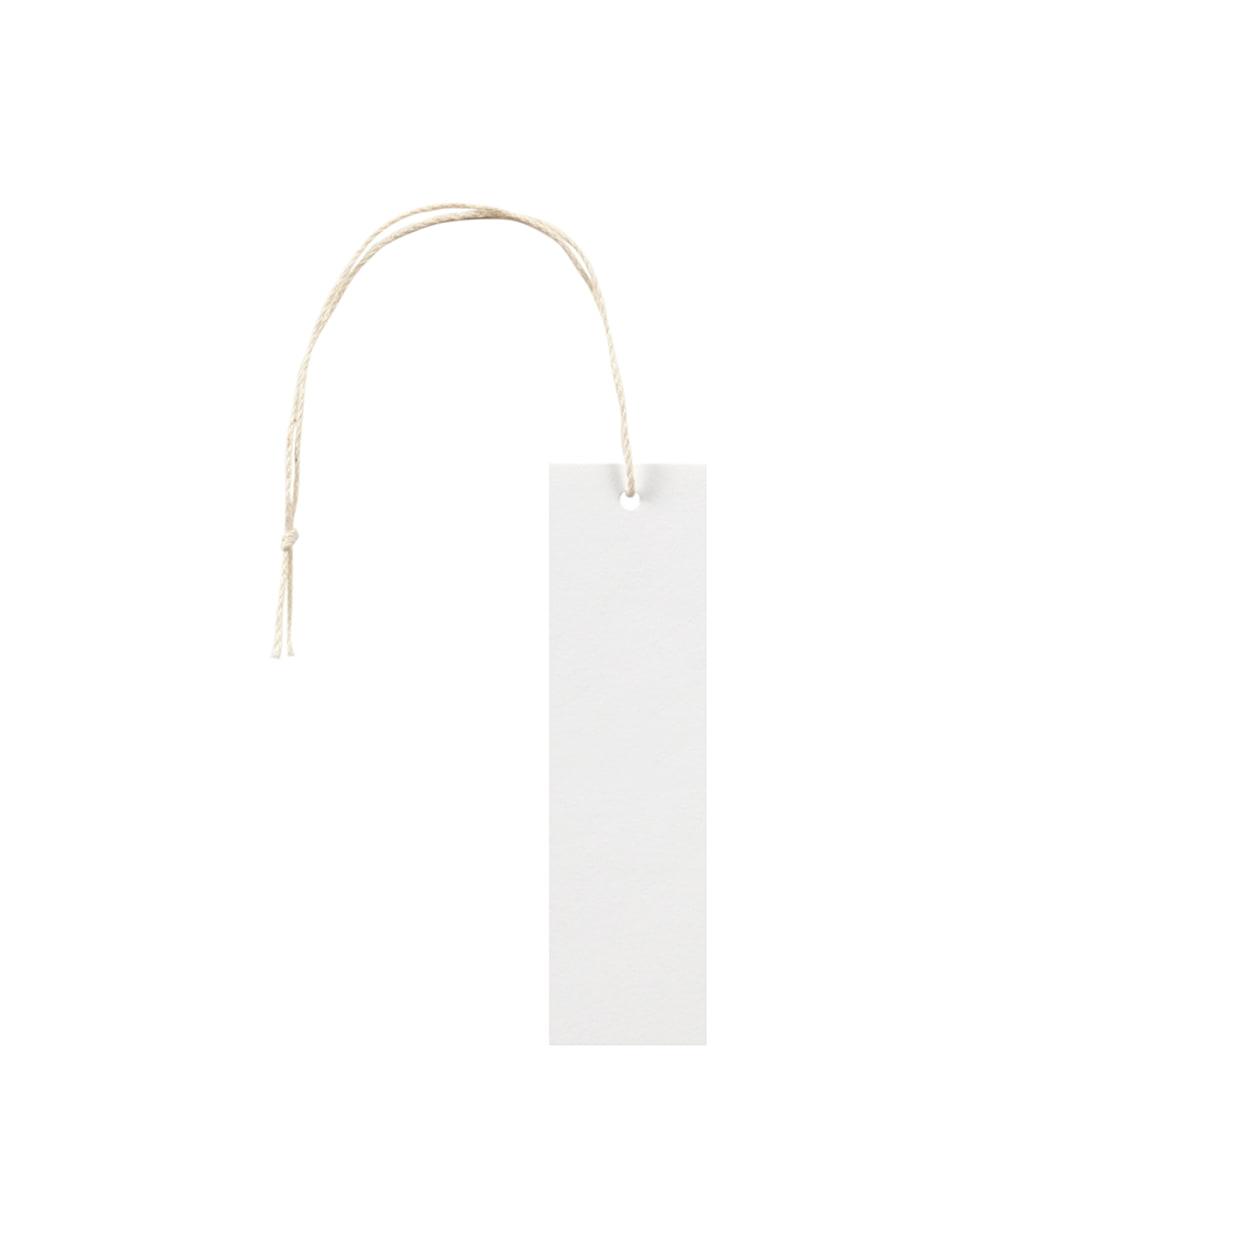 タグ25×90四角形 コットンスノーホワイト 232.8g タグ紐(細)コットン生成